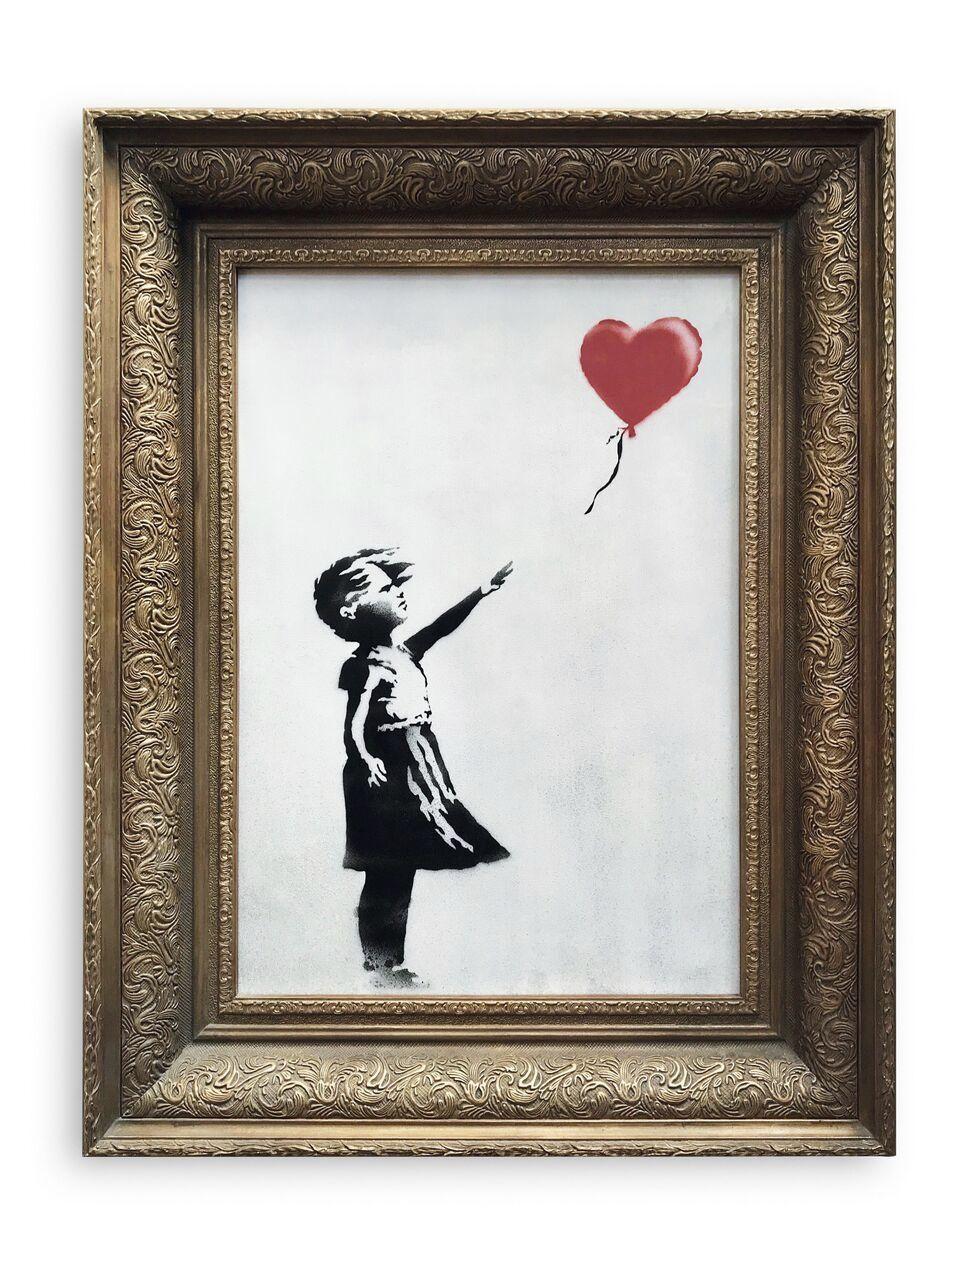 Britain_Banksy_93155-159532.jpg46662048